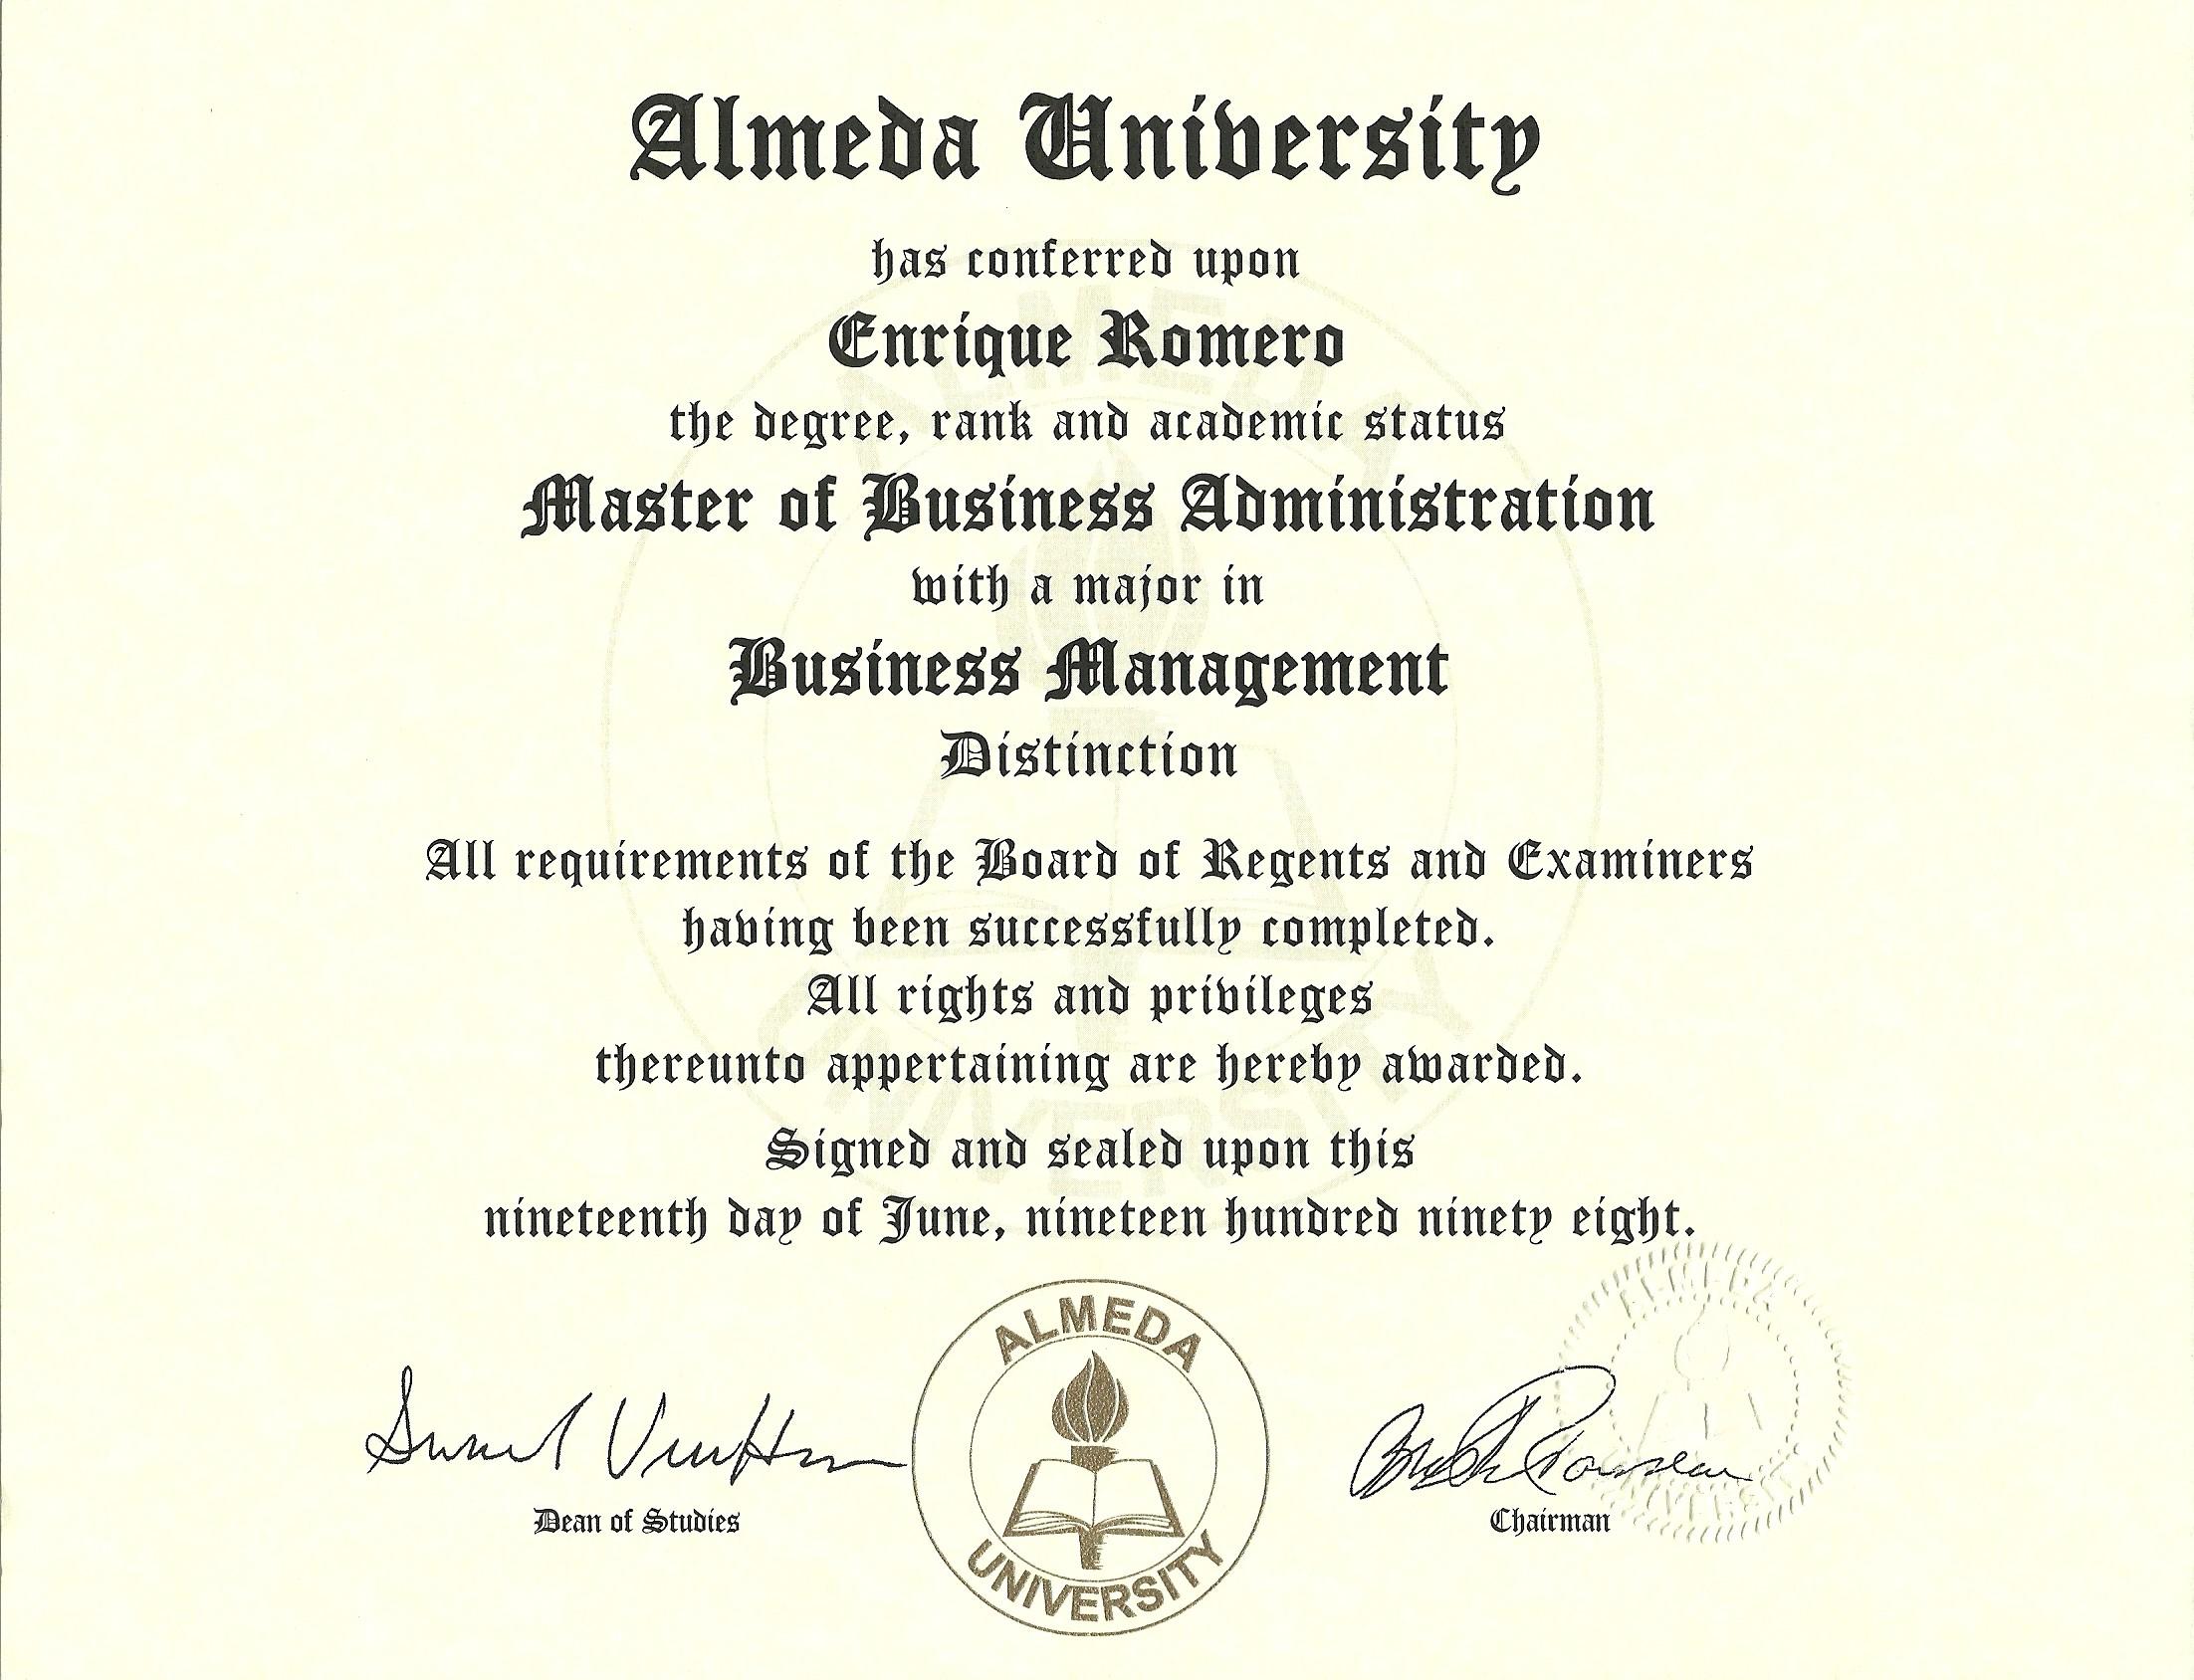 1998 - Almeda University.jpg